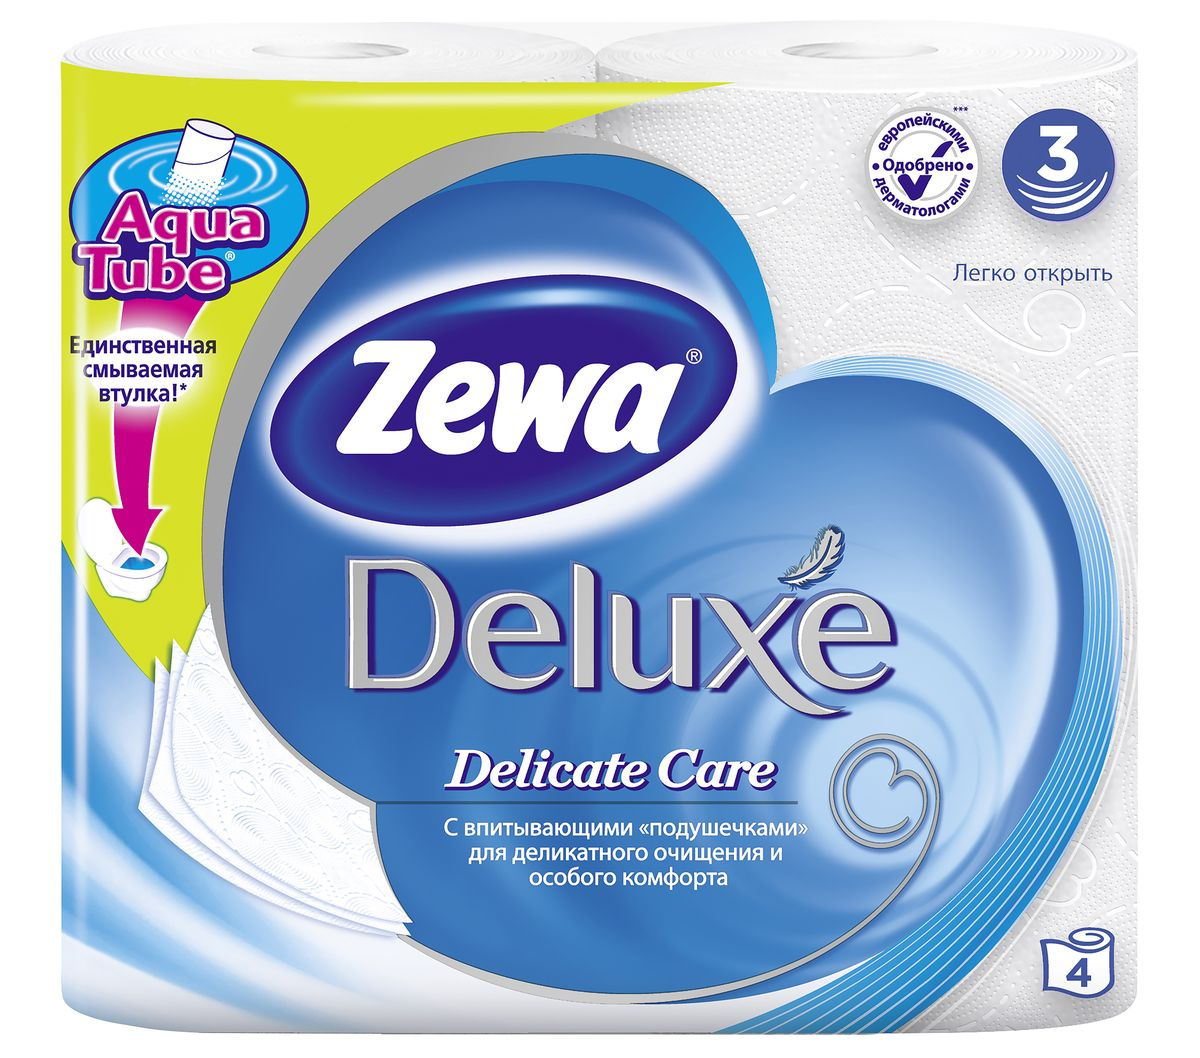 Туалетная бумага Zewa Deluxe Белая, 3 слоя, 4 рулона3228Подарите себе удовольствие от ежедневного ухода за собой. Zewa Deluxe сновыми впитывающими подушечками деликатно очищает и нежно заботится о вашей коже.Мягкость, Забота, Комфорт – вашей коже это понравится! Сенсация! Со смываемой втулкой Aqua Tube! Белая 3-х слойная туалетная бумага без аромата 4 рулона в упаковке Состав: целлюлоза Производство: Россия